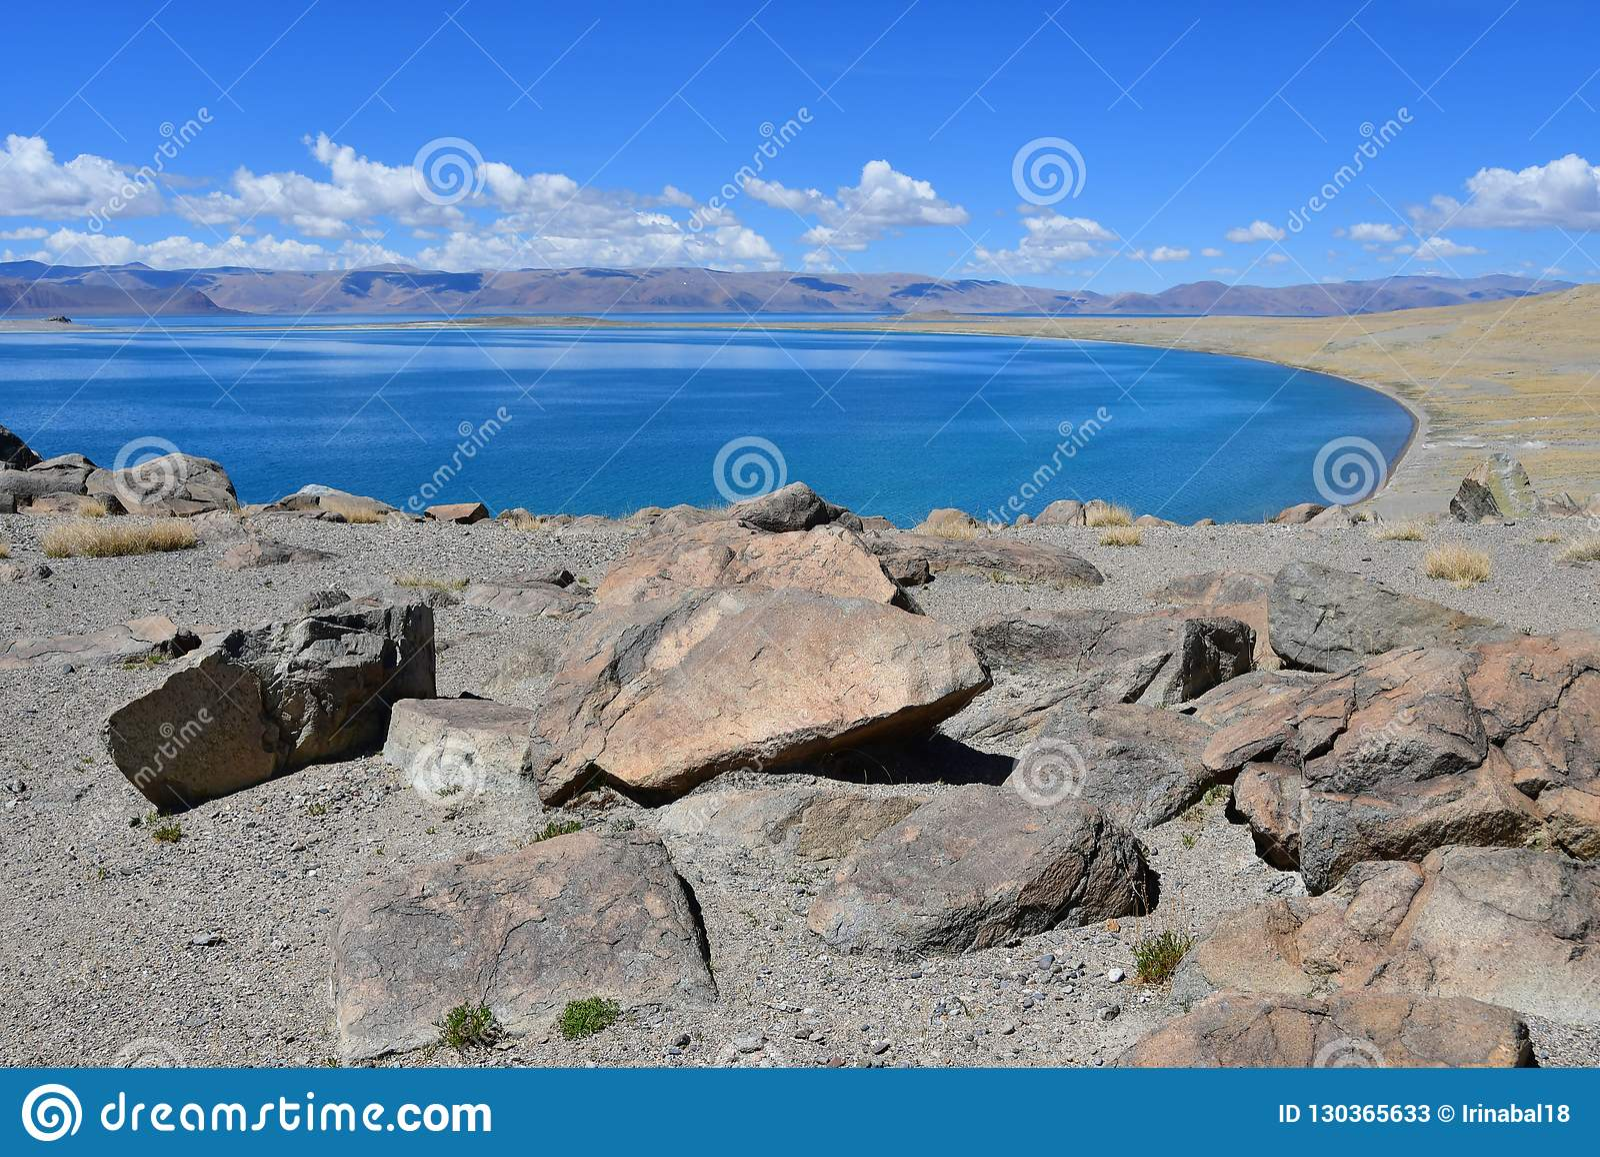 China Grote meren van Tibet Meer Teri Tashi Namtso in zonnige de zomerdag